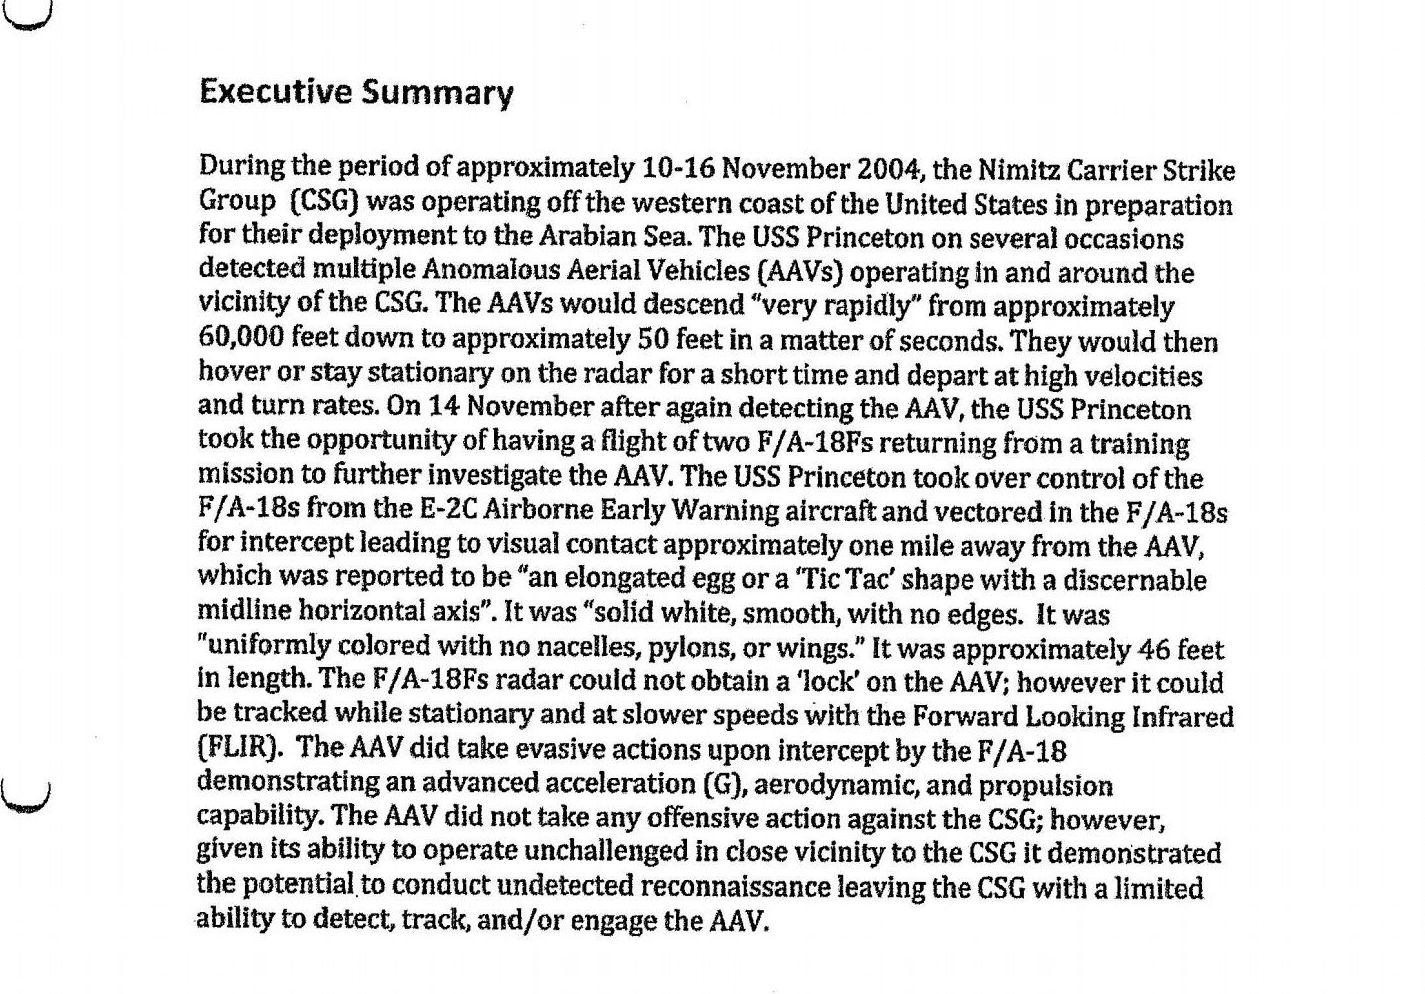 Relatório do Departamento de Defesa dos EUA sobre OVNI Tic Tac